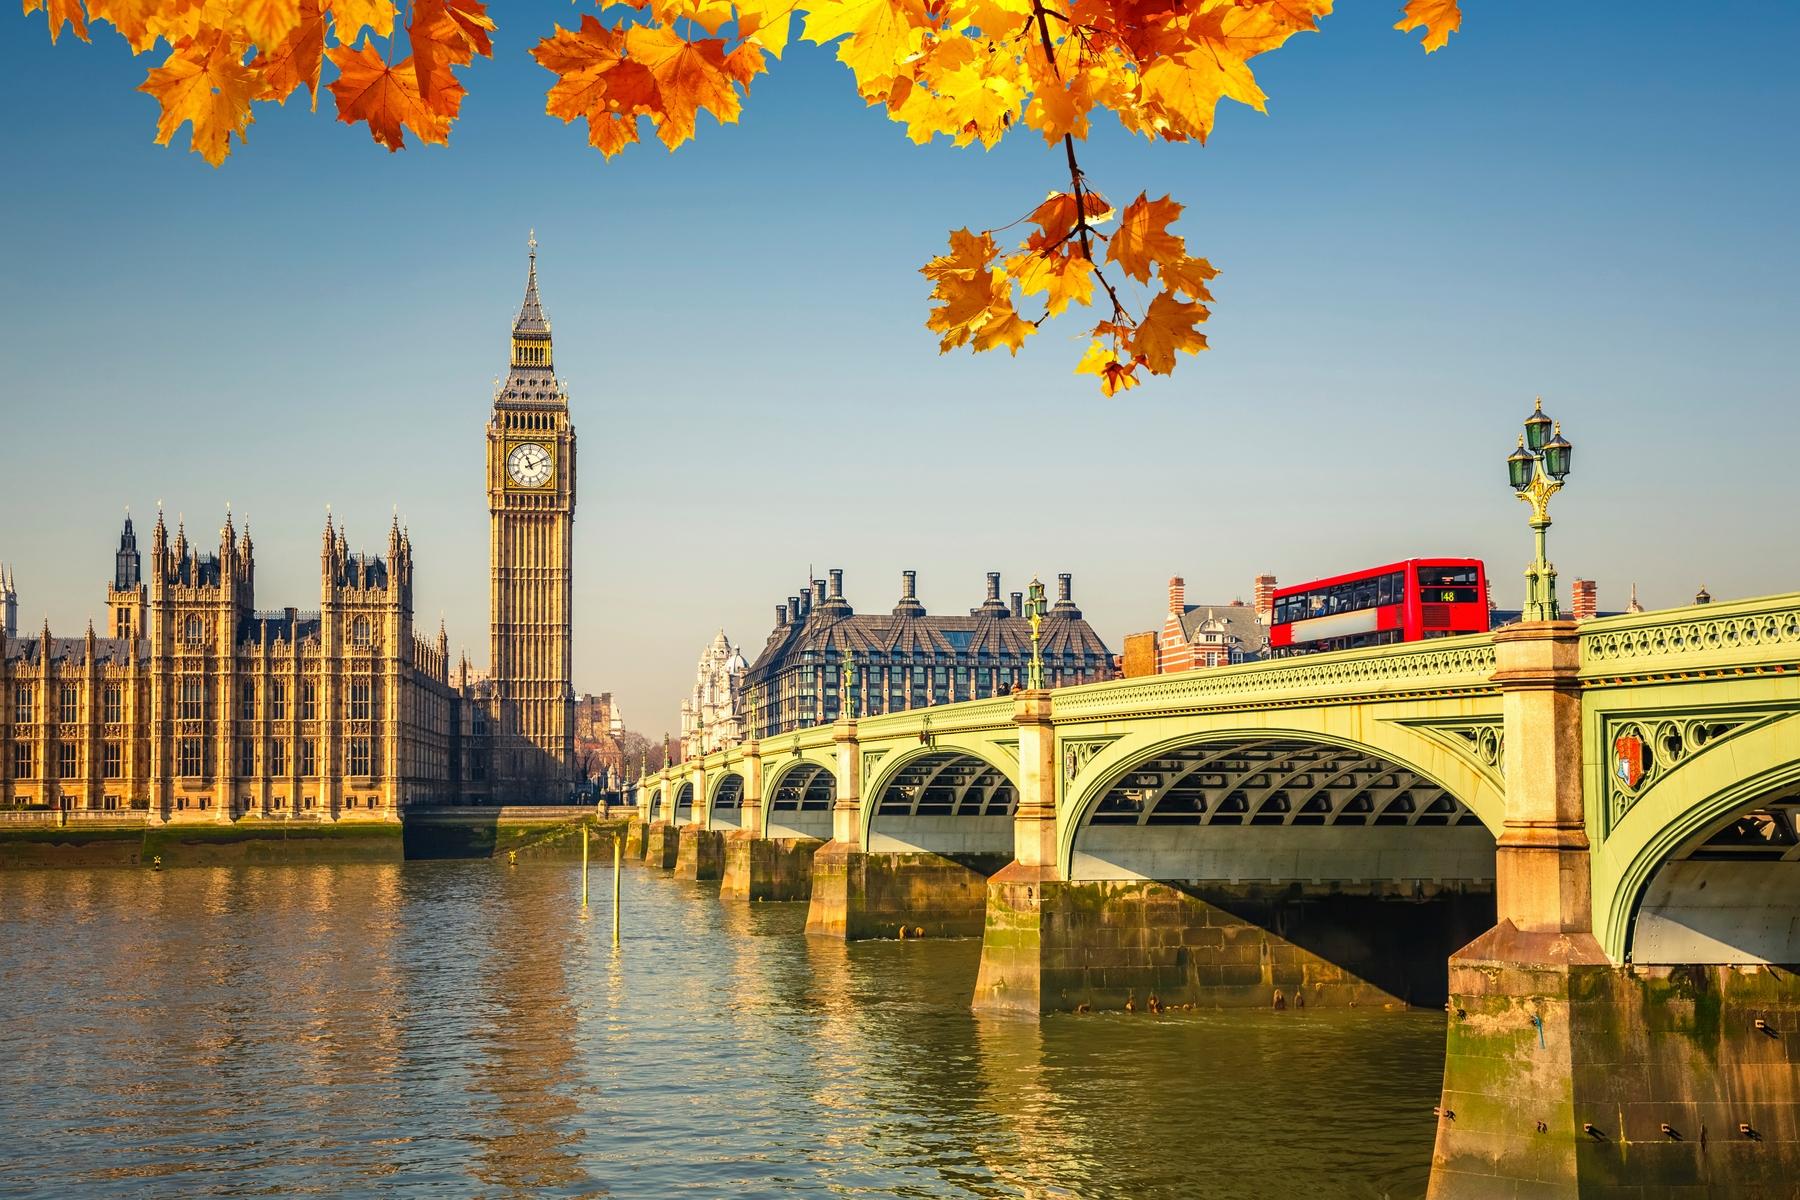 Londres - destino de intercâmbio em que é necessário planejar a viagem com um ano de antecedência